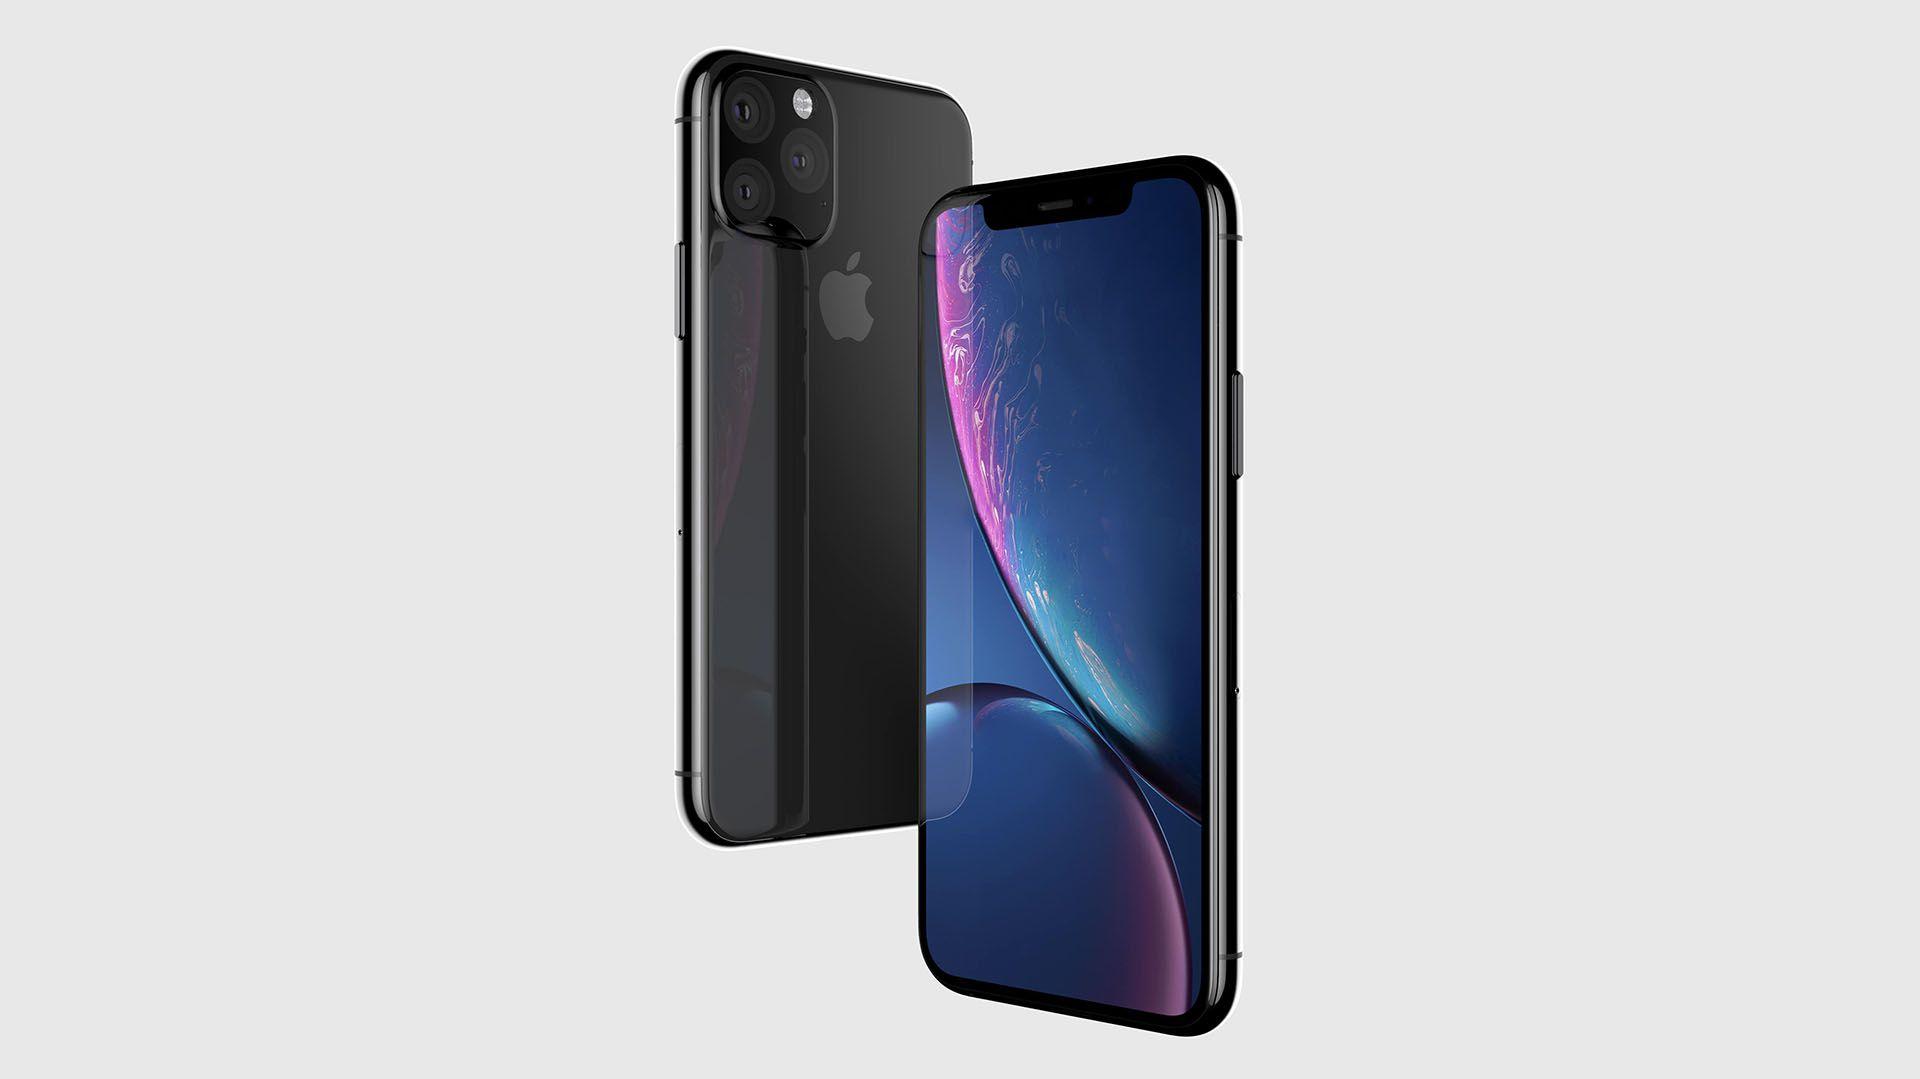 El dispositivo no incluirá la autentificación biométrica Face ID de Apple, pero contará con el mismo procesador que iPhone 11, es decir el A13 Bionic.(Foto: Archivo)